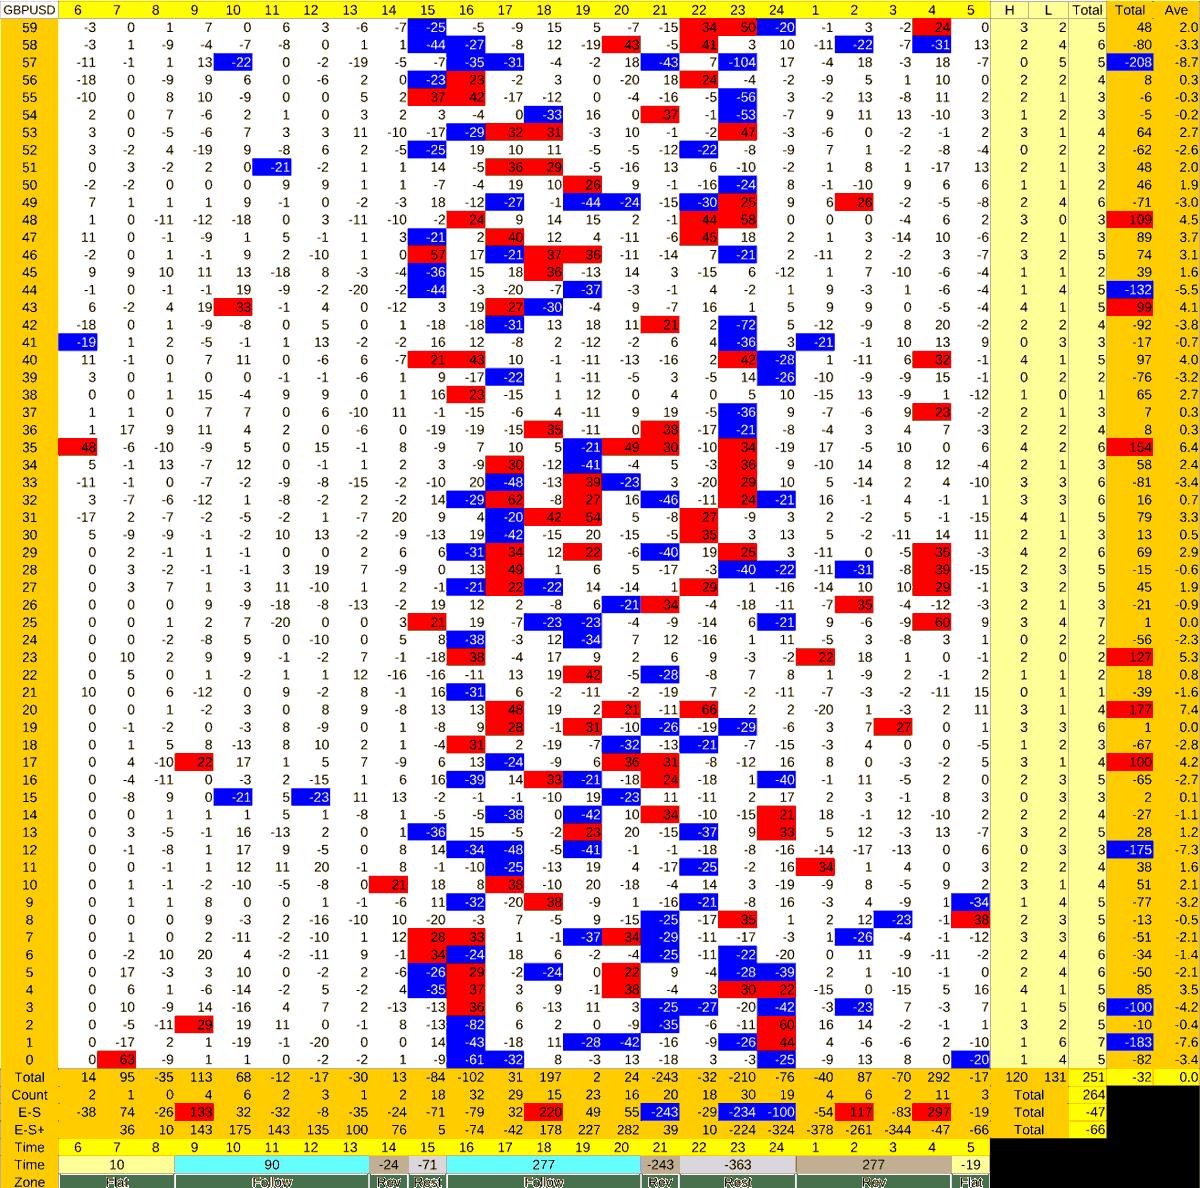 20210630_HS(2)GBPUSD